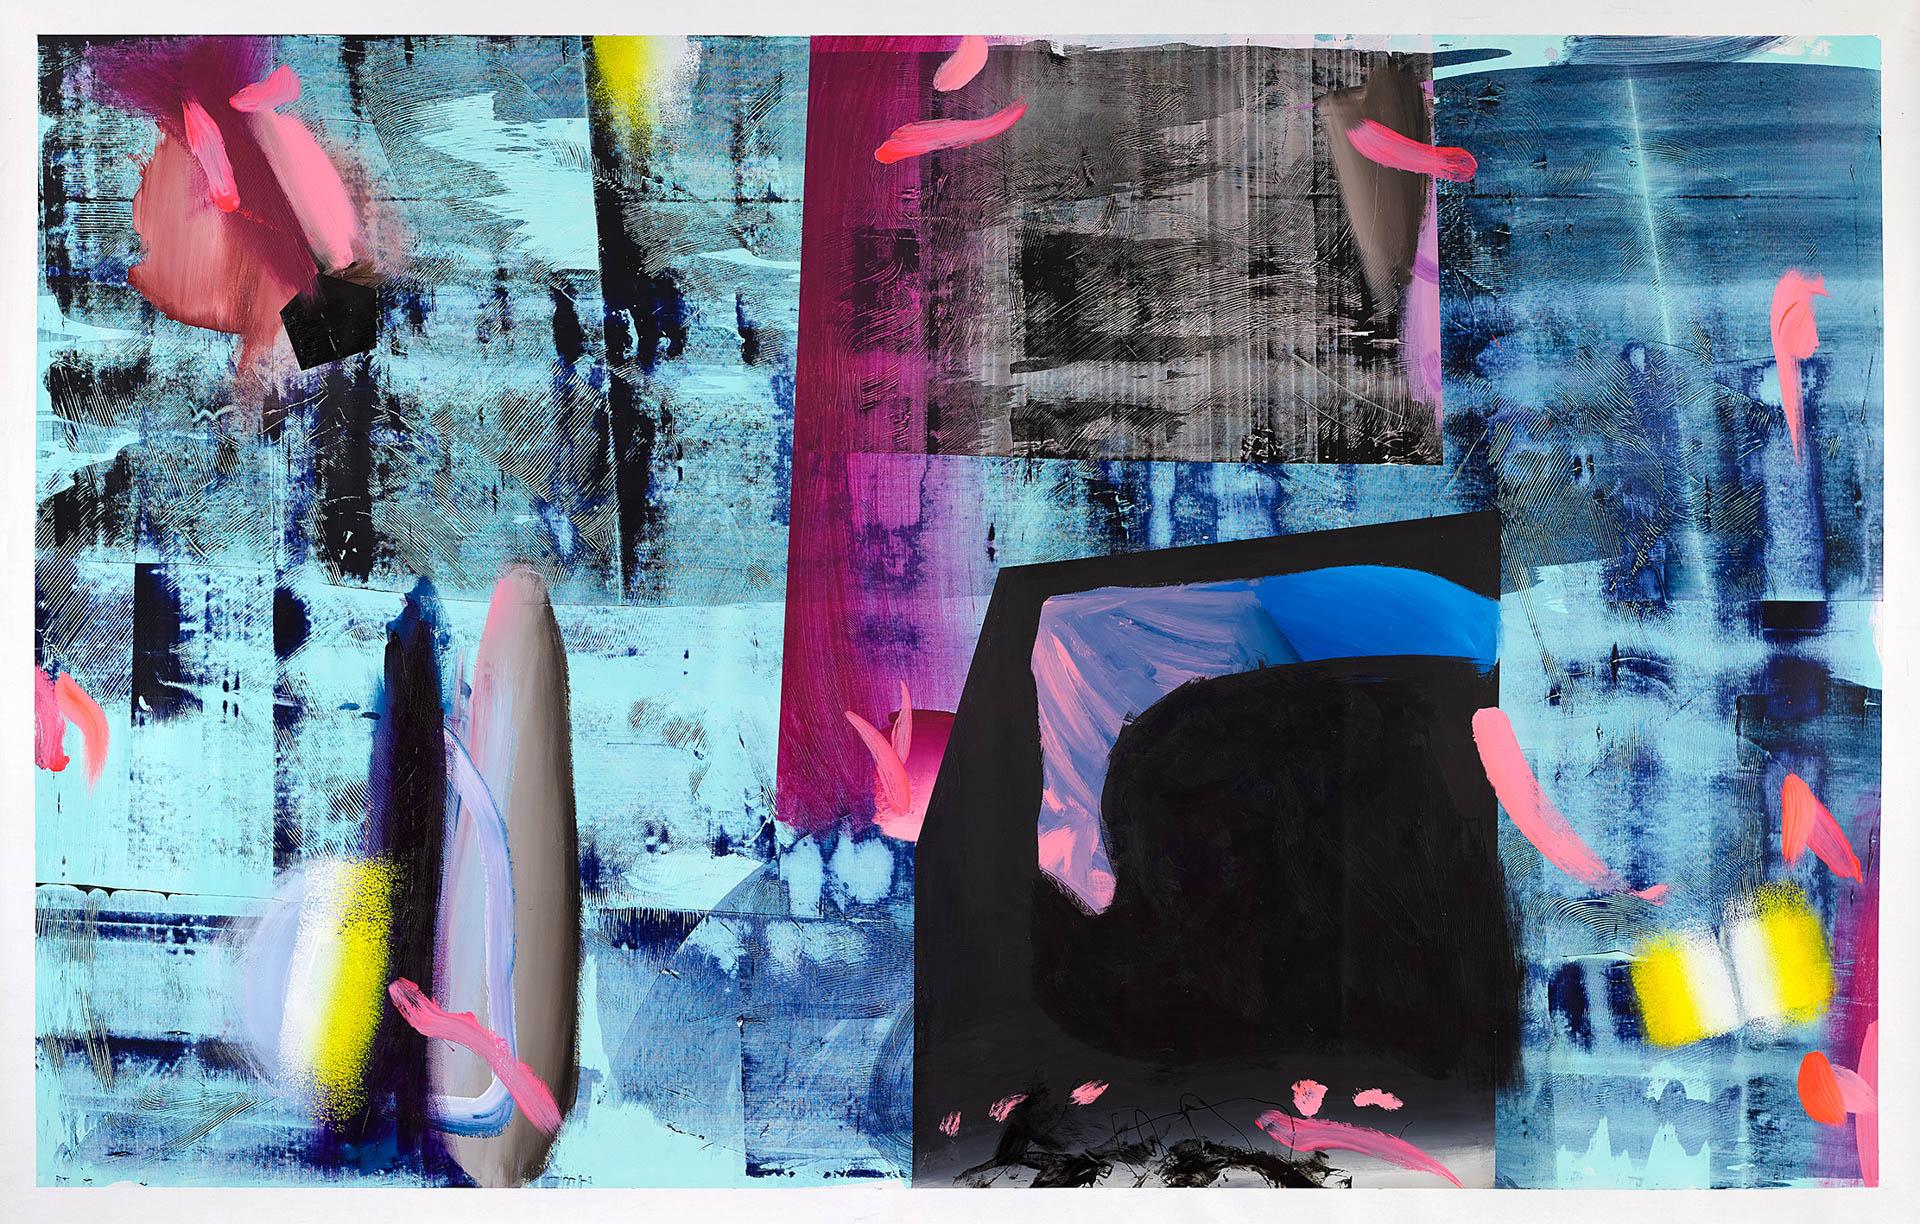 עותק-של-Shony-Rivnay-Configuration-013-2000-Oil-on-canvas-210×330-cm-copy